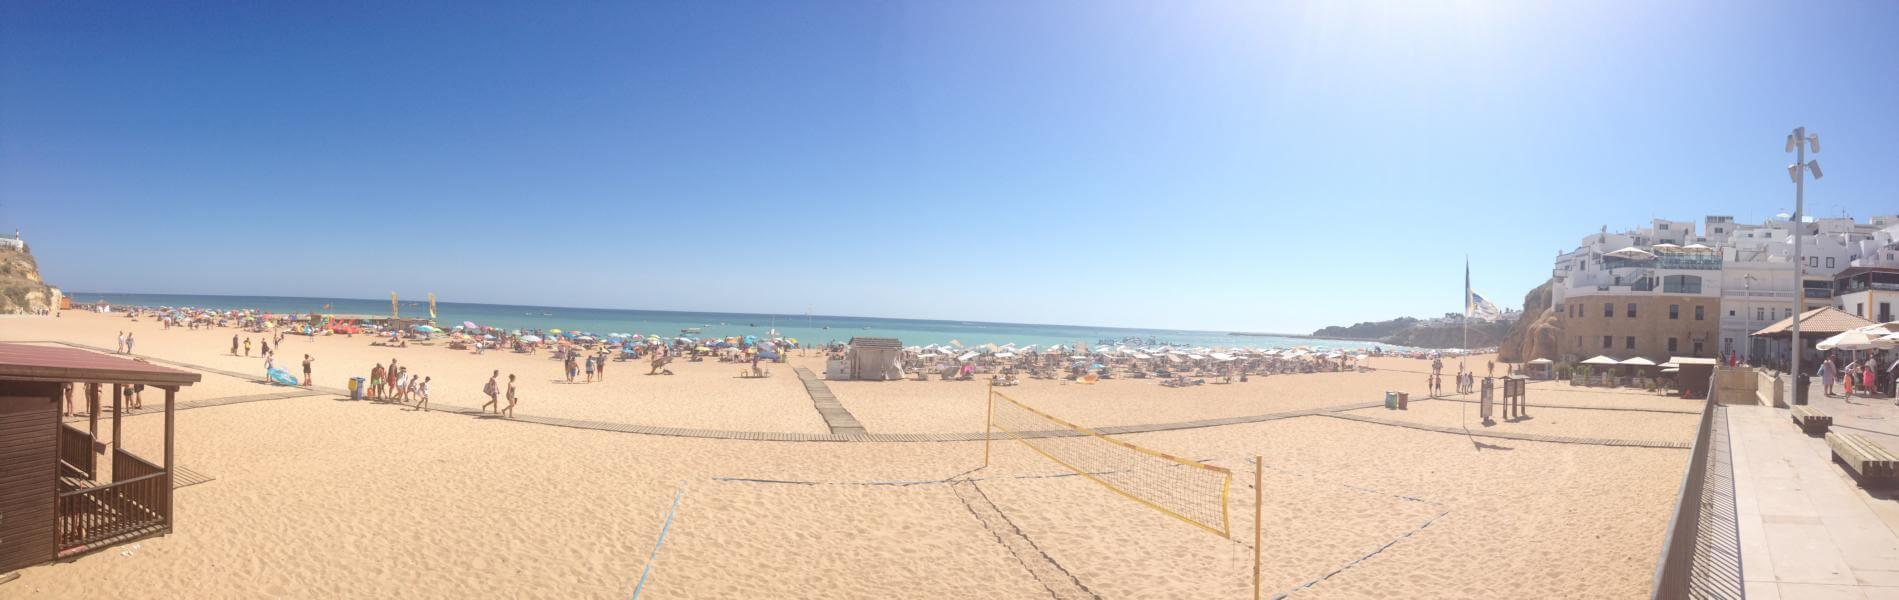 Albufeira Strand, Algarve